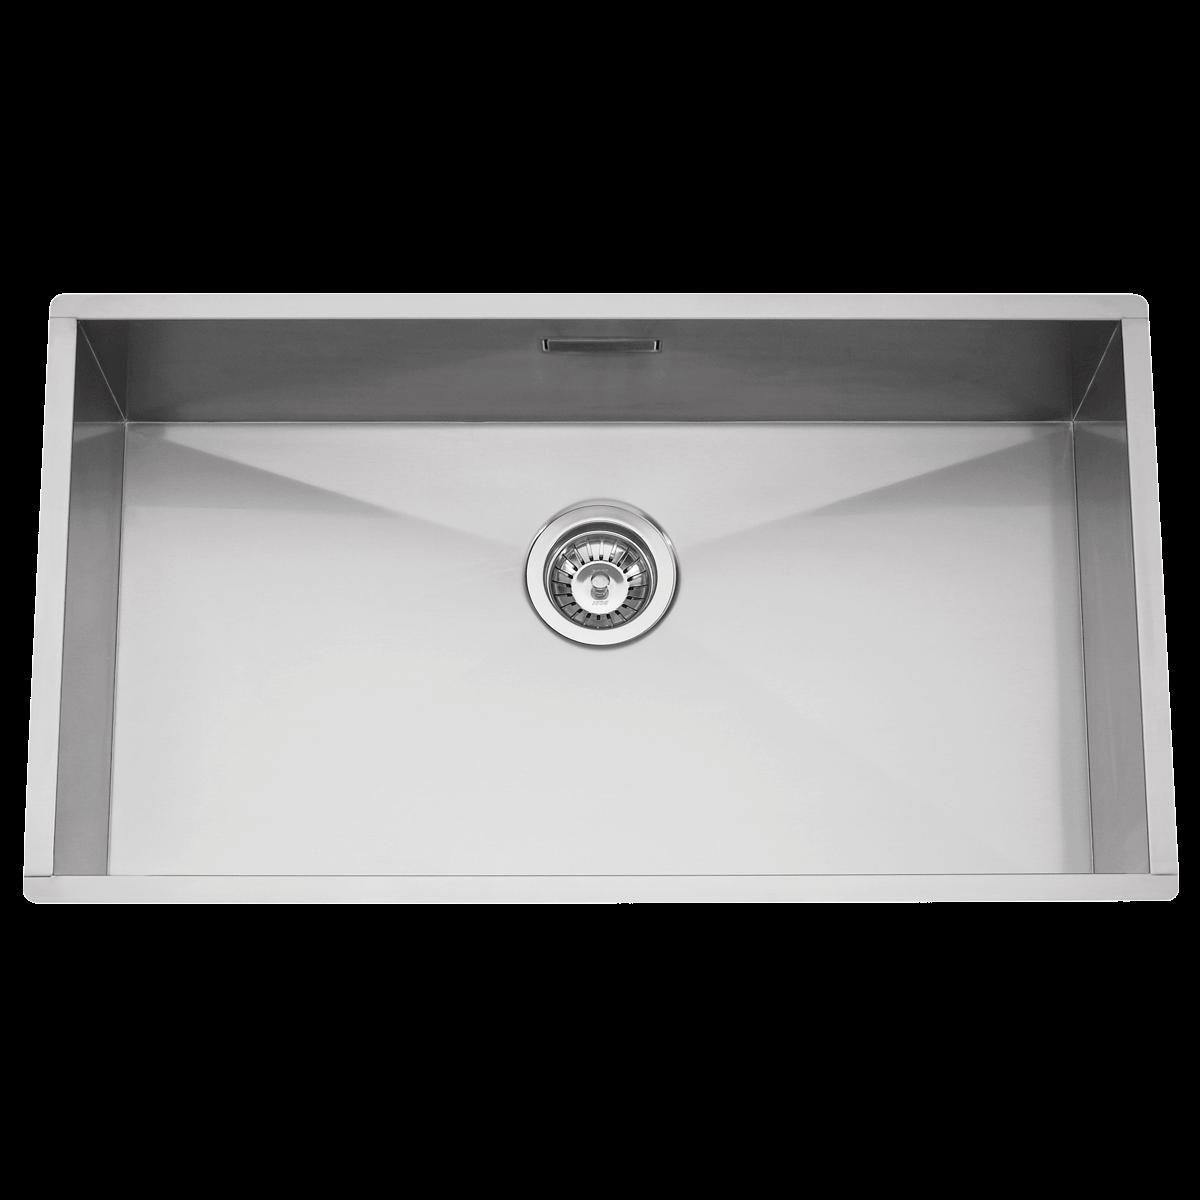 Evier en inox Rodi Box Line Box Line 74 SP finition satin couleur inox 700x400 avec 1 cuve vidage manuel Box Line 74